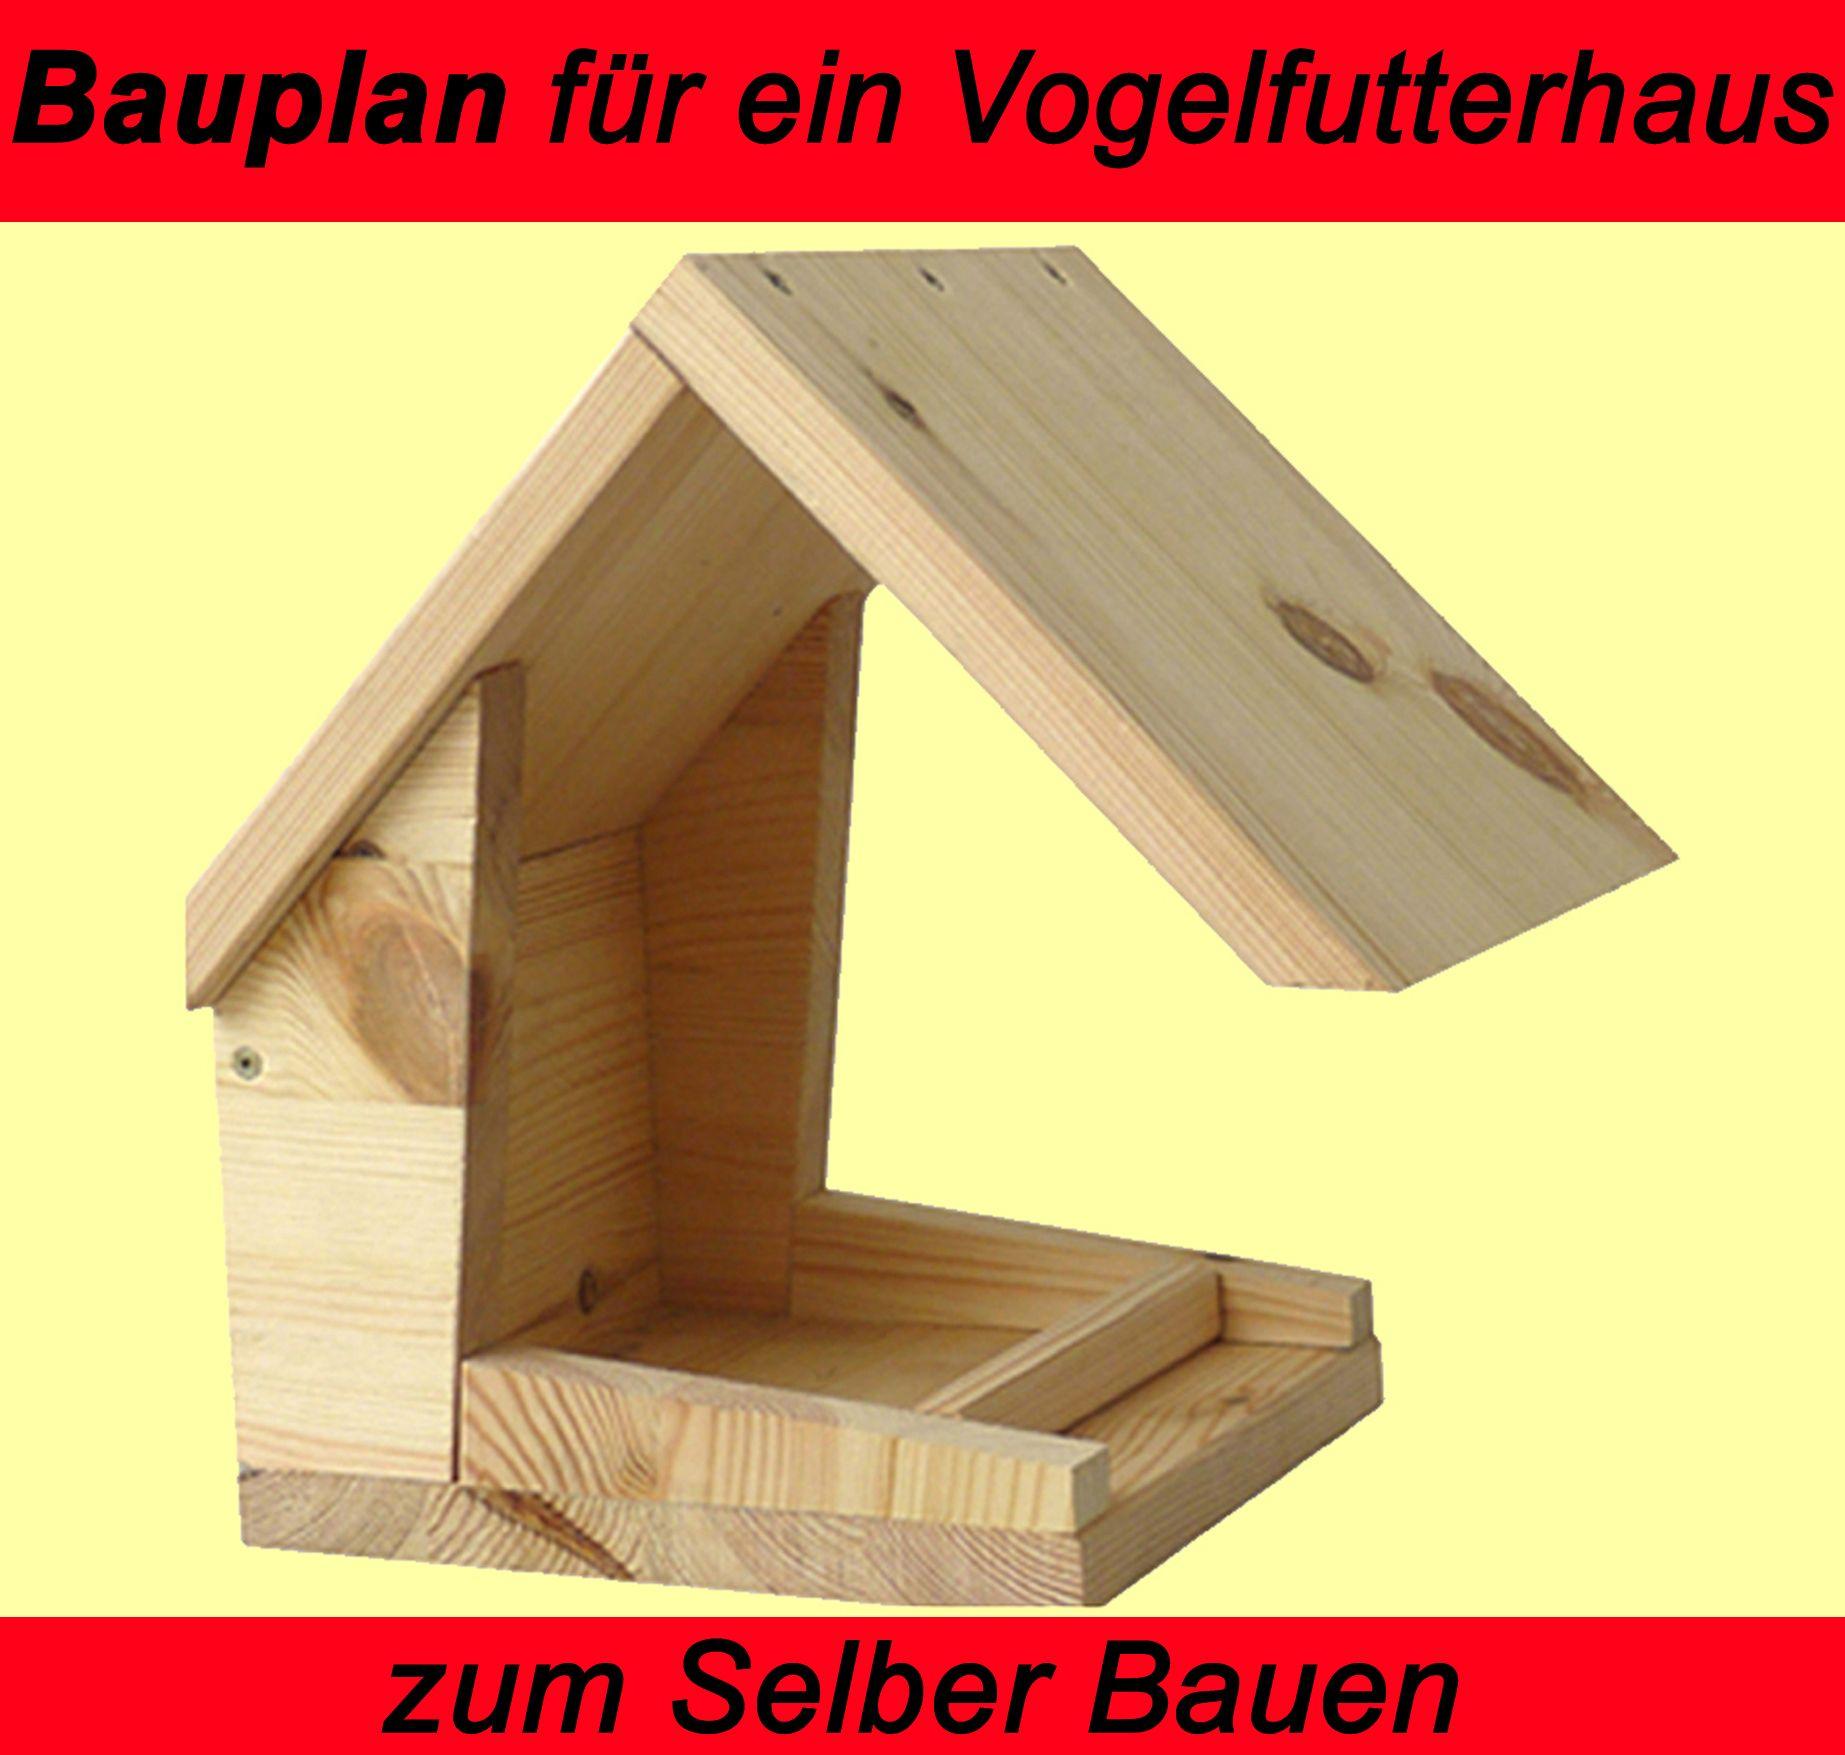 vogelh uschen als vogelfutterhaus aus holz mittels trenn biber stichs getisch und der eigenen. Black Bedroom Furniture Sets. Home Design Ideas